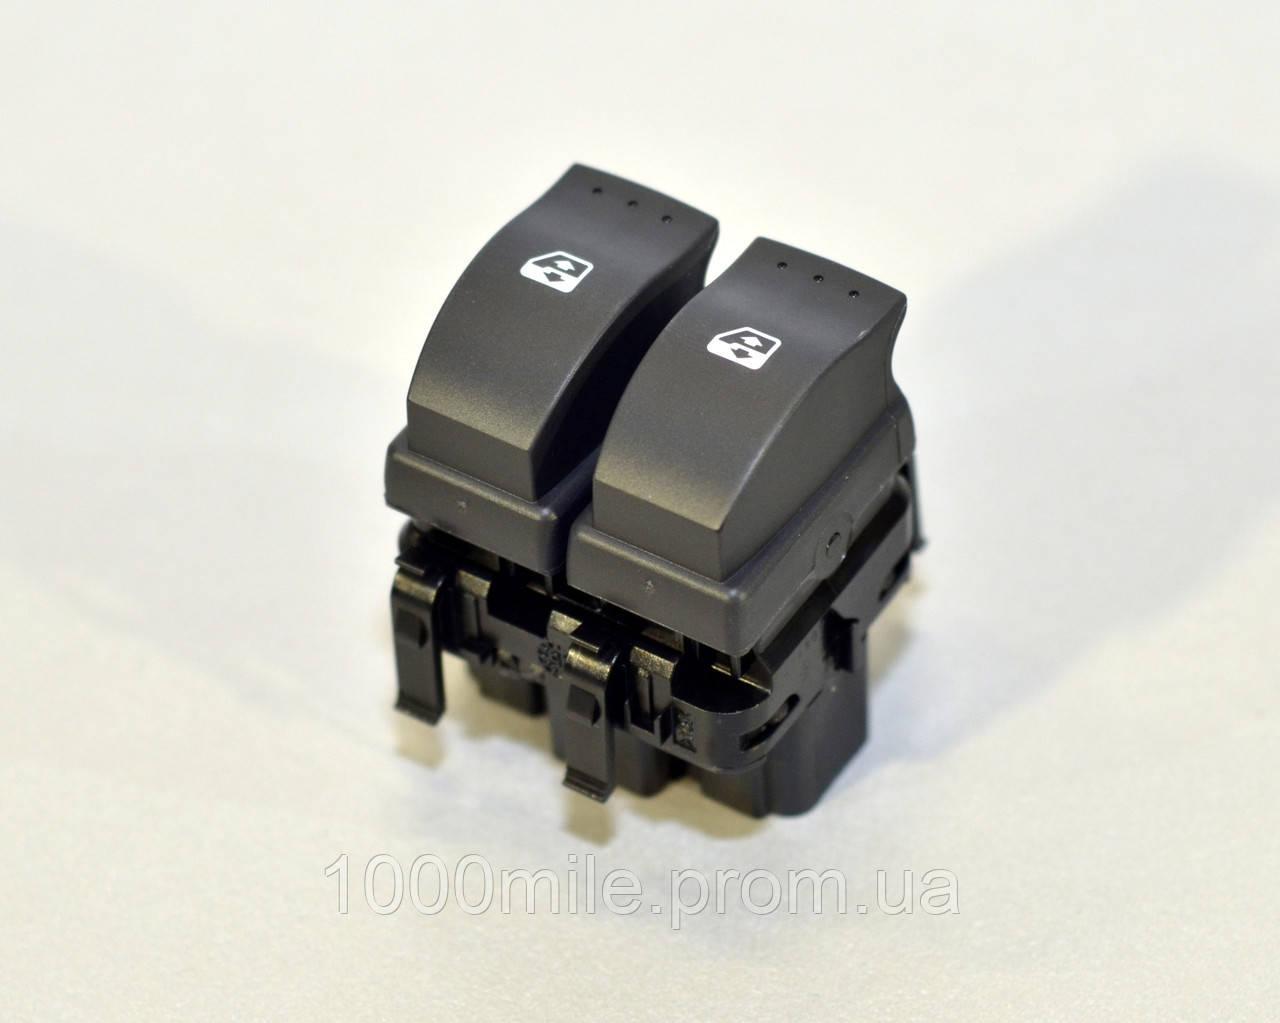 Переключатель стеклоподъемника на Renault Master III 2010-> — Renault (Оригинал) - 8200476807